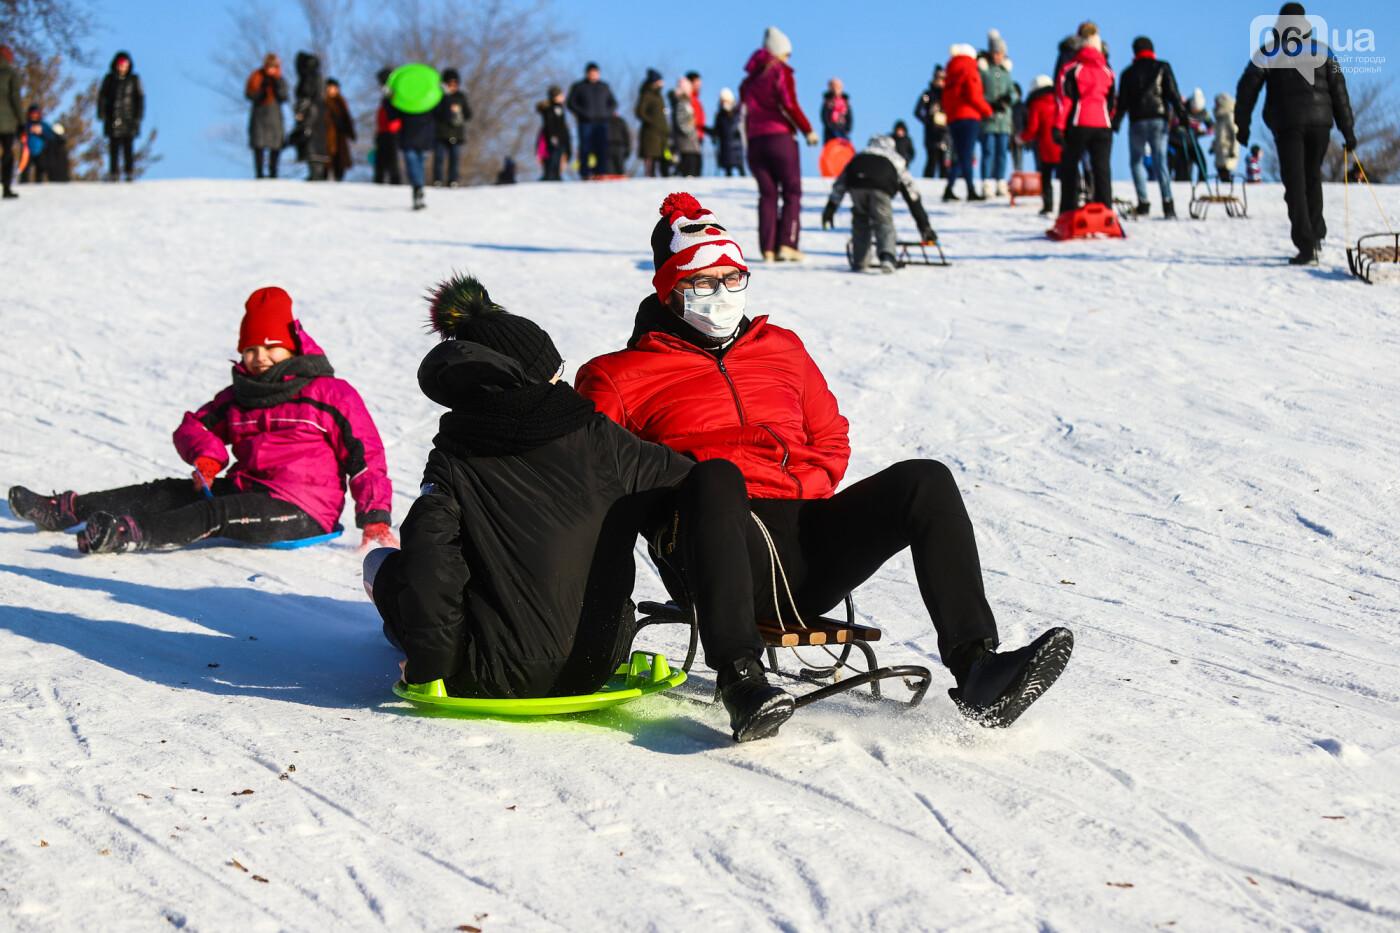 На санках, лыжах и сноуборде: запорожцы устроили массовое катание с горок в Вознесеновском парке, - ФОТОРЕПОРТАЖ, фото-79